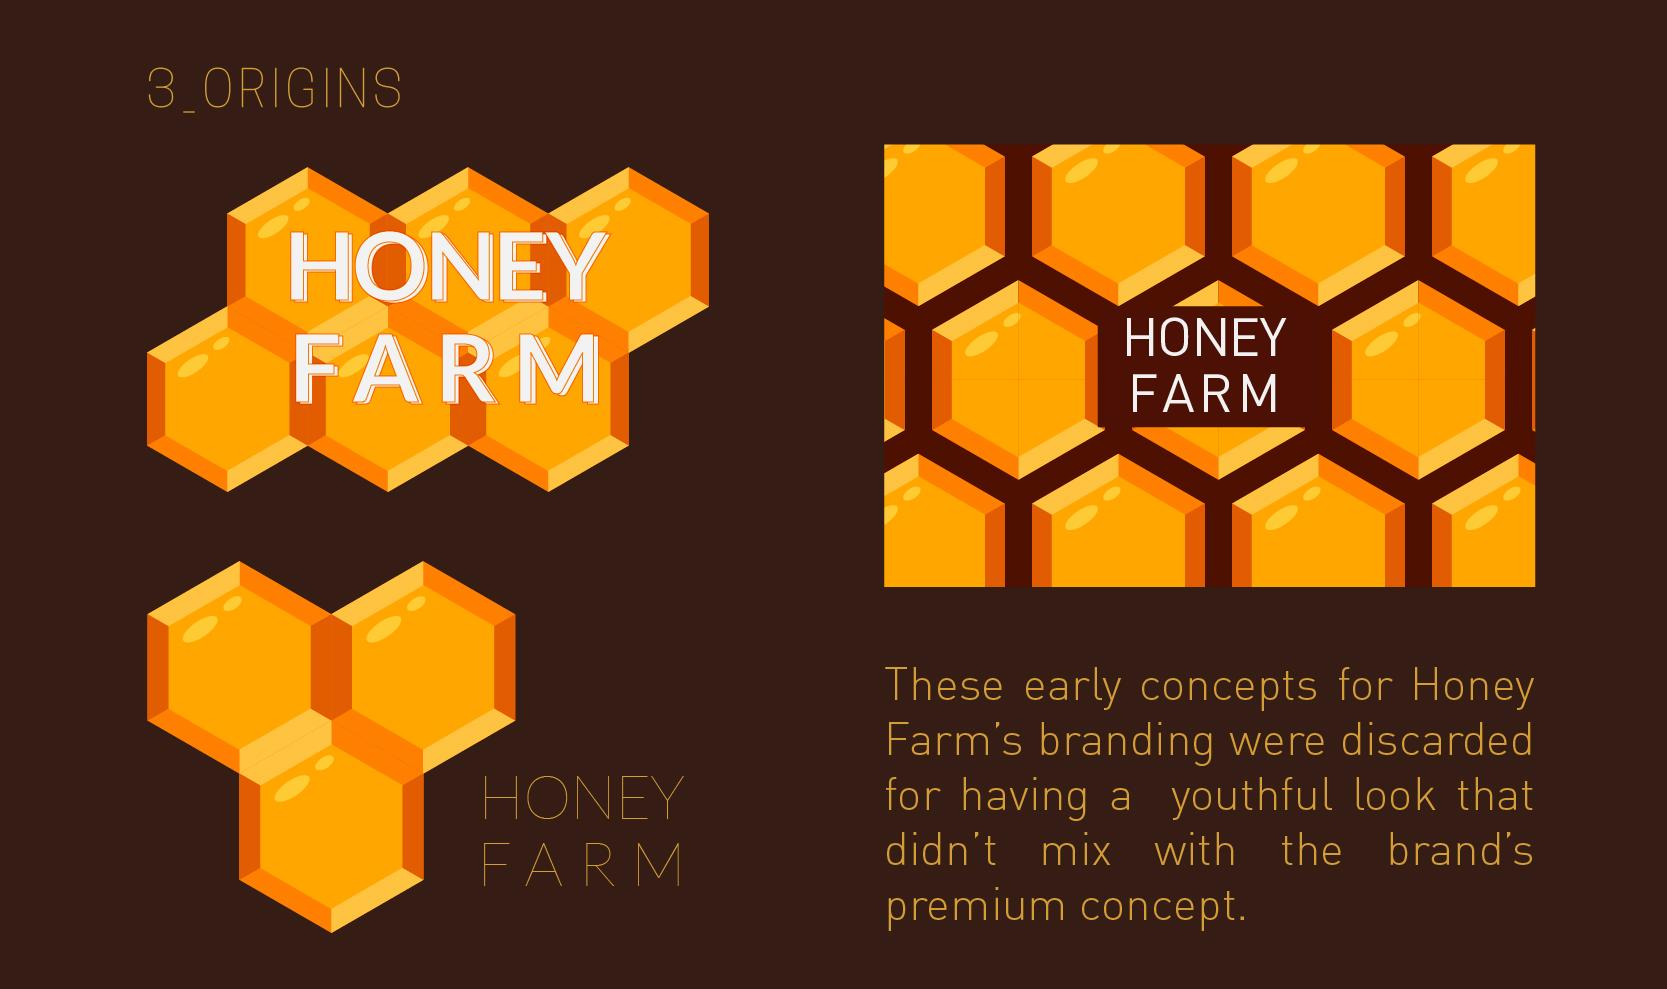 honeyfarm presentation-08.jpg